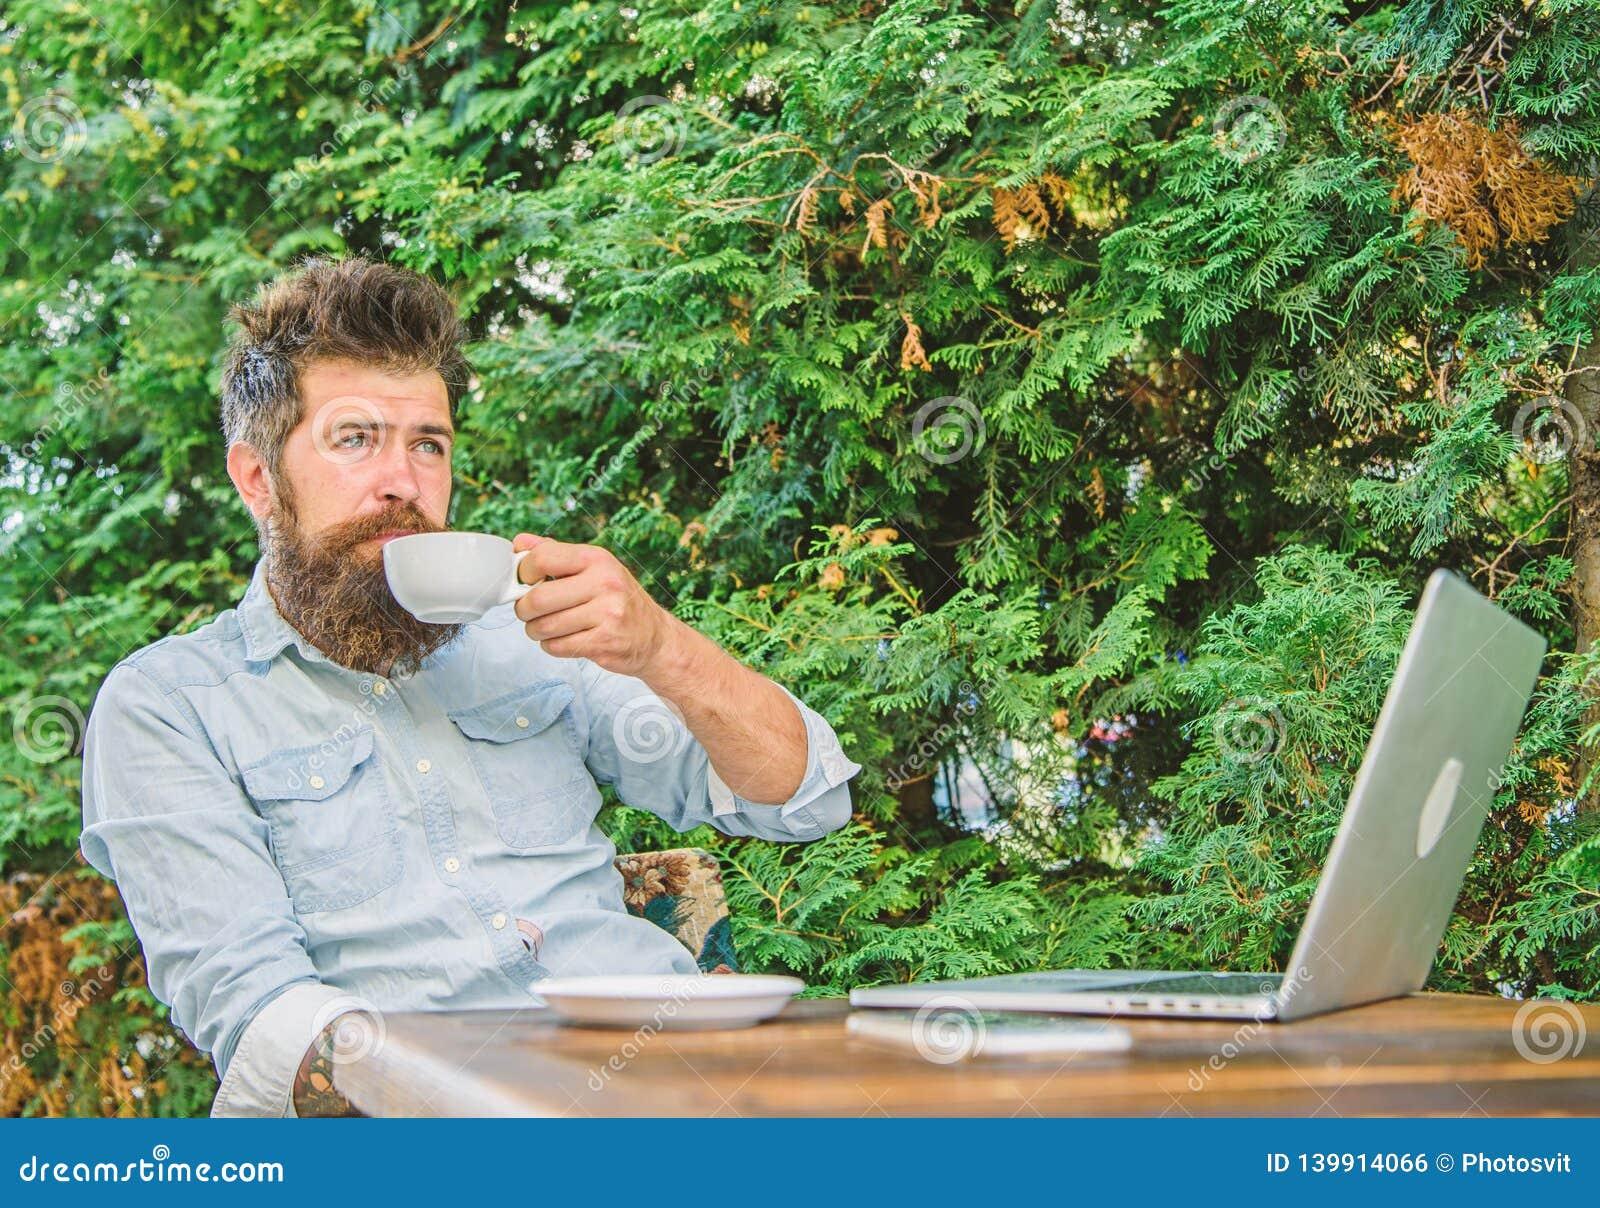 Prettig ogenblik Neem ogenblik om van het leven te genieten Maakt mensen gebaarde hipster pauze voor drinkt koffie en ontspant te